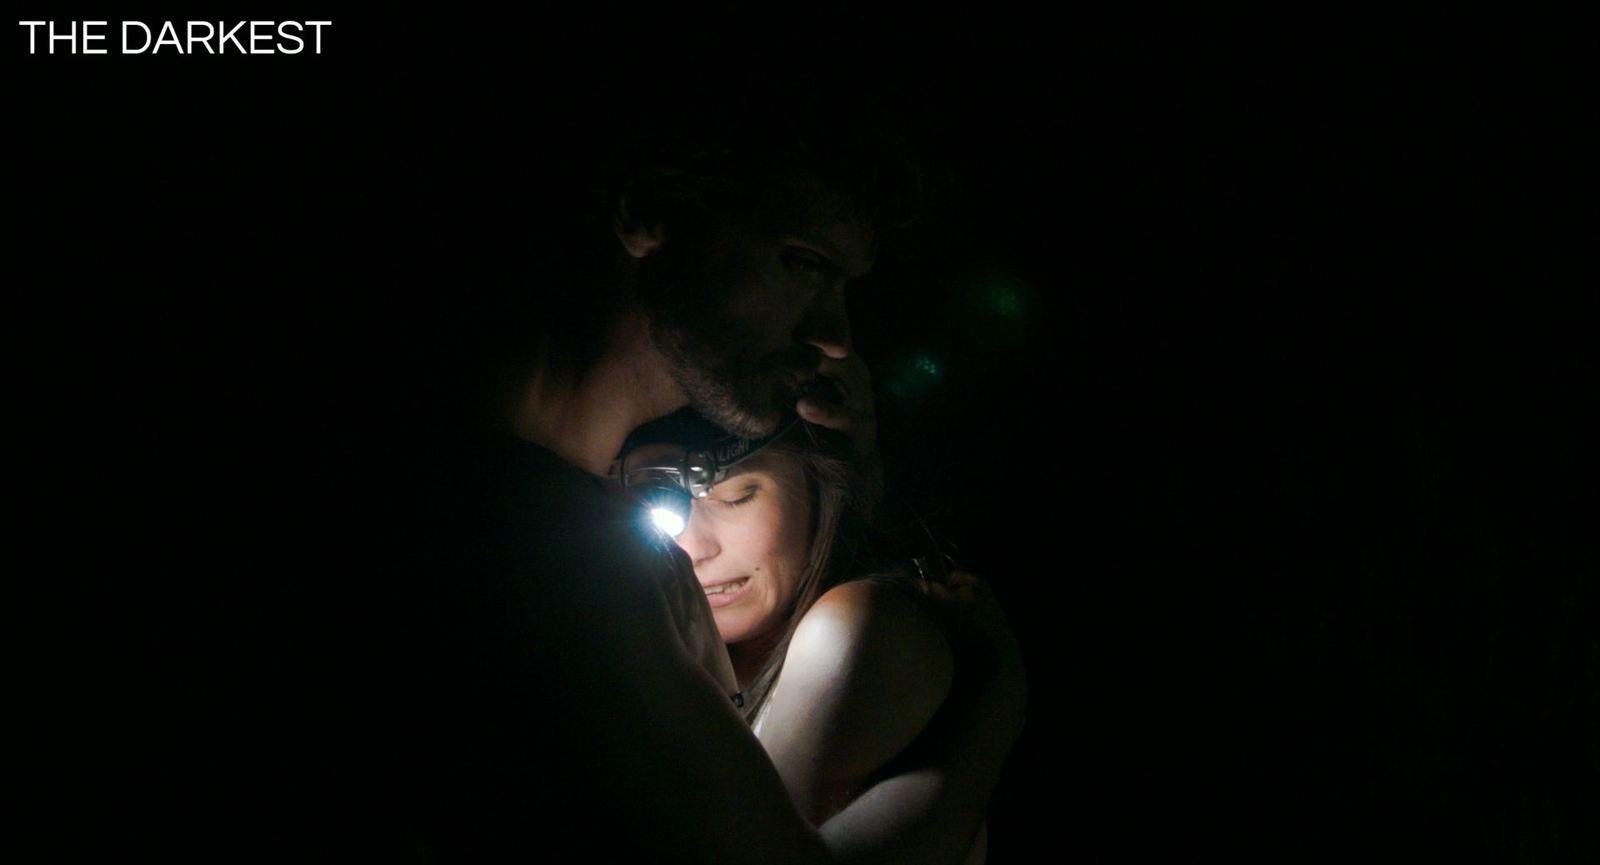 The Darkest (BANDE-ANNONCE) de Robin Entreinger - Le 27 novembre 2019au cinéma